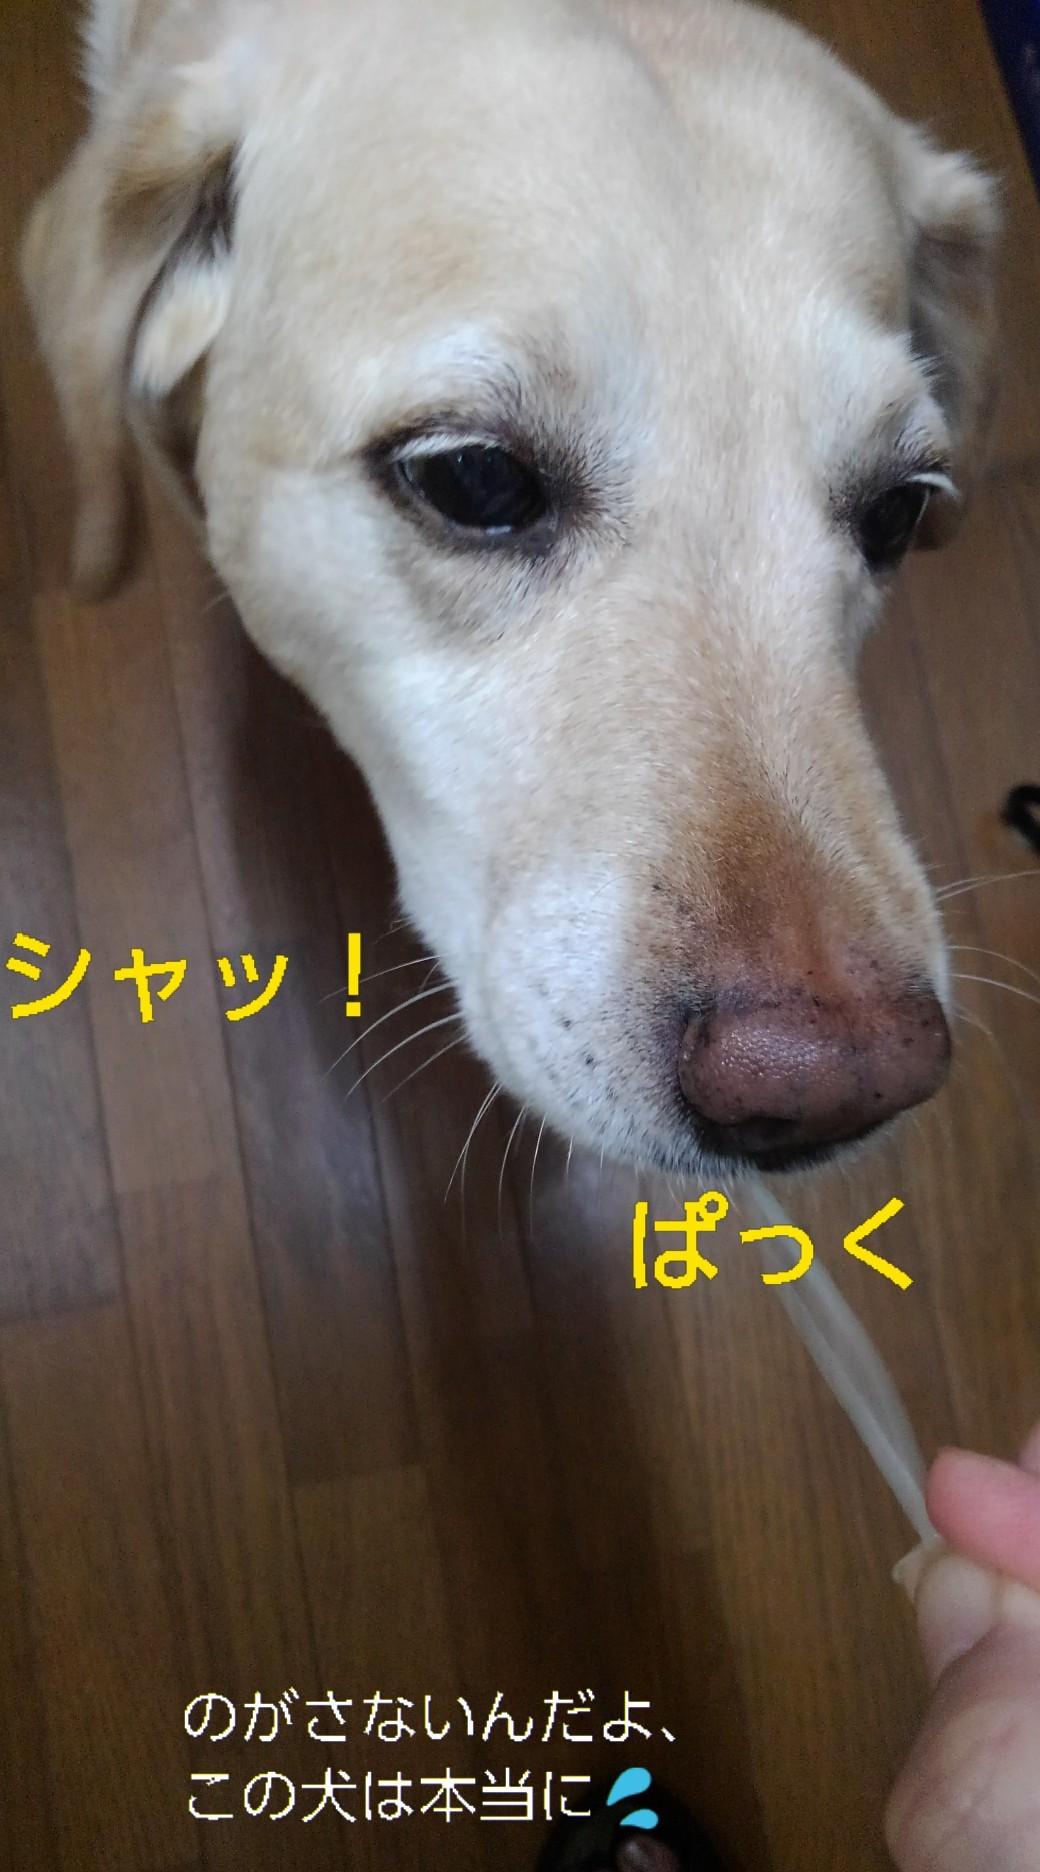 メリー、半田素麺の「コシ」を重要視する_b0339522_10015872.jpg